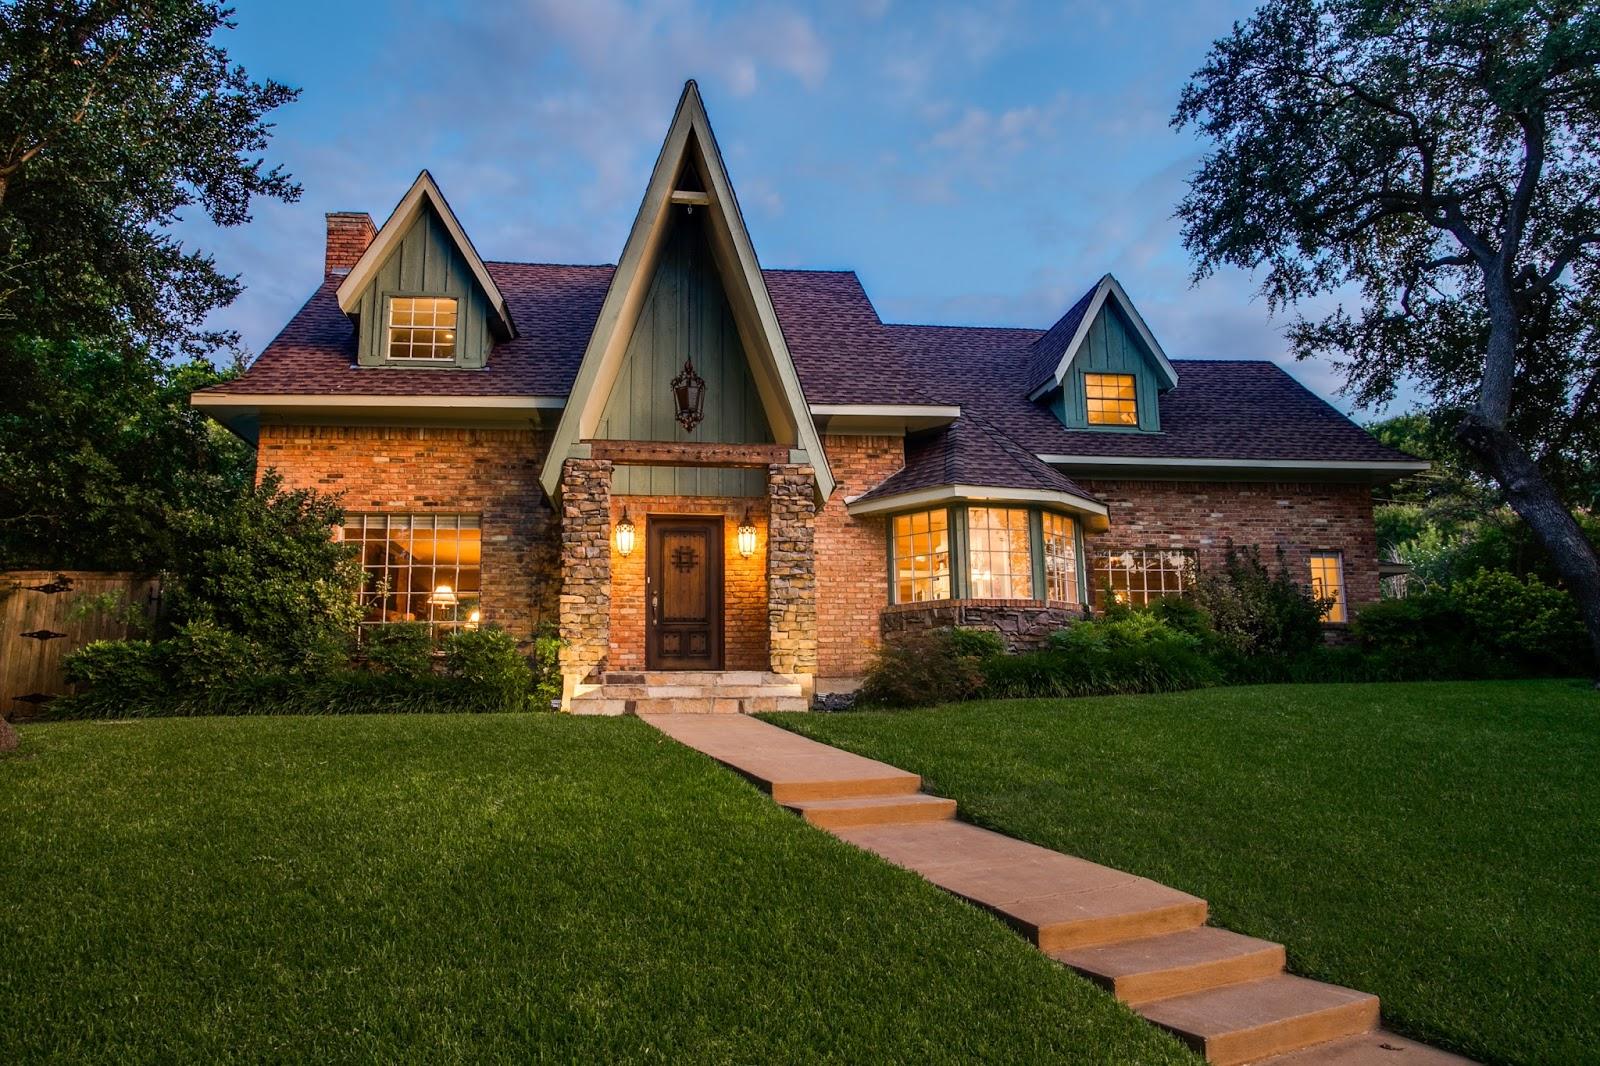 blog shuey group real estate news plano texas home